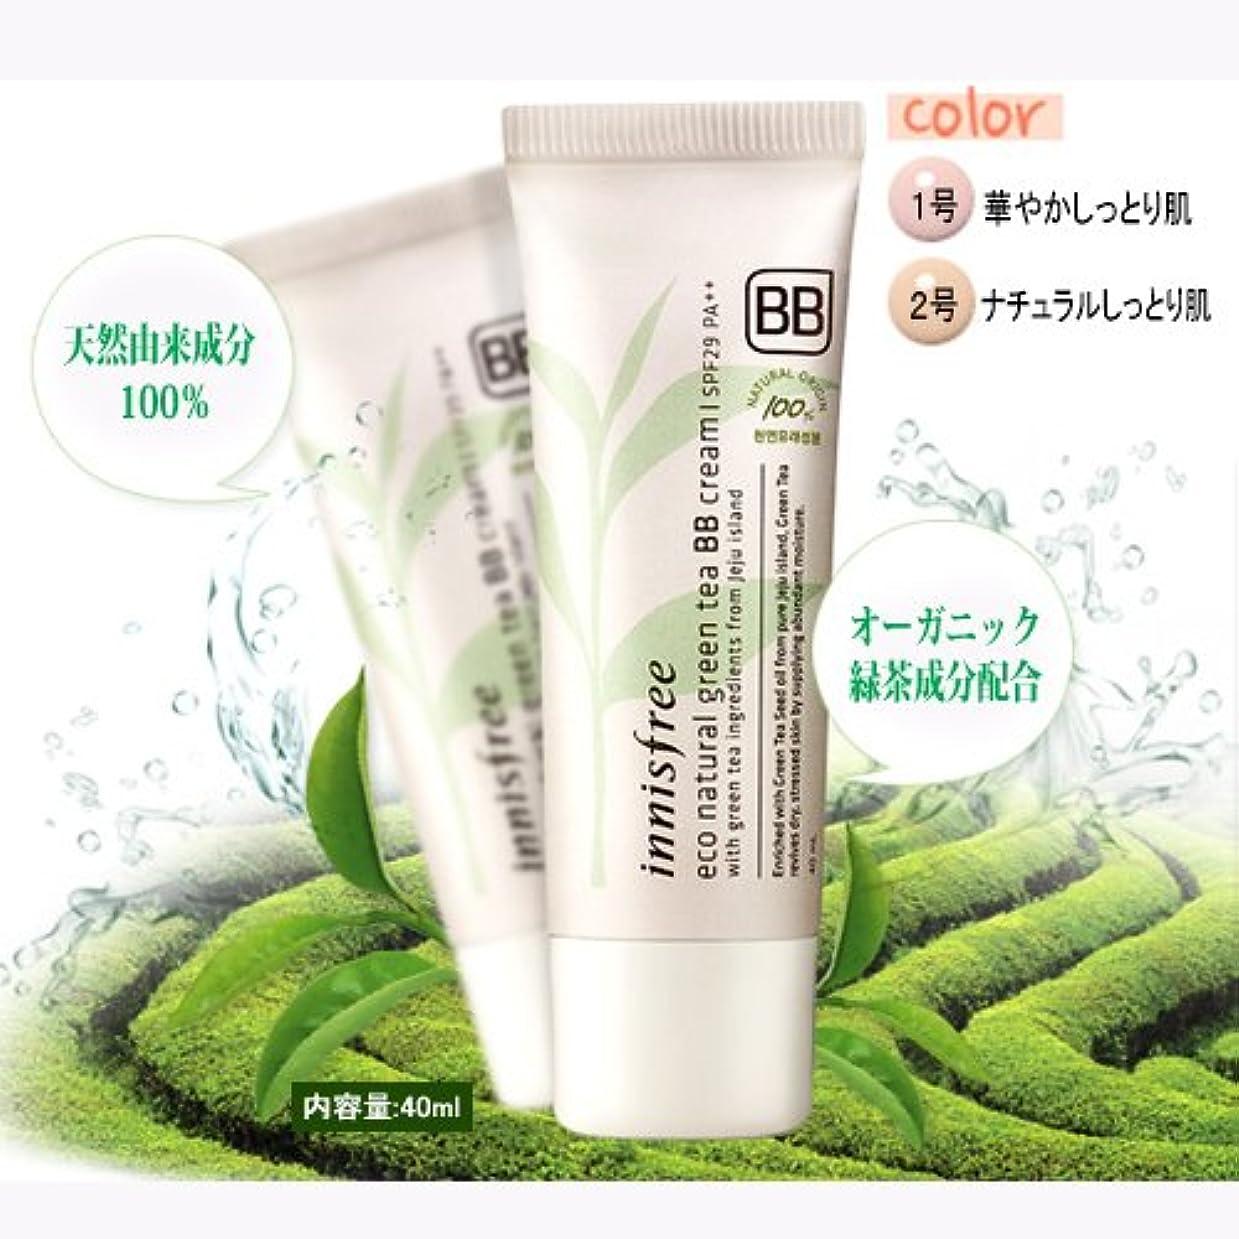 コンセンサス本質的に指紋innisfree/イニスフリー Eco Natural Green Tea BB Cream #01 /エコナチュラルグリーンティーBBクリーム 華やかなしっとり肌 SPF29PA++40ml